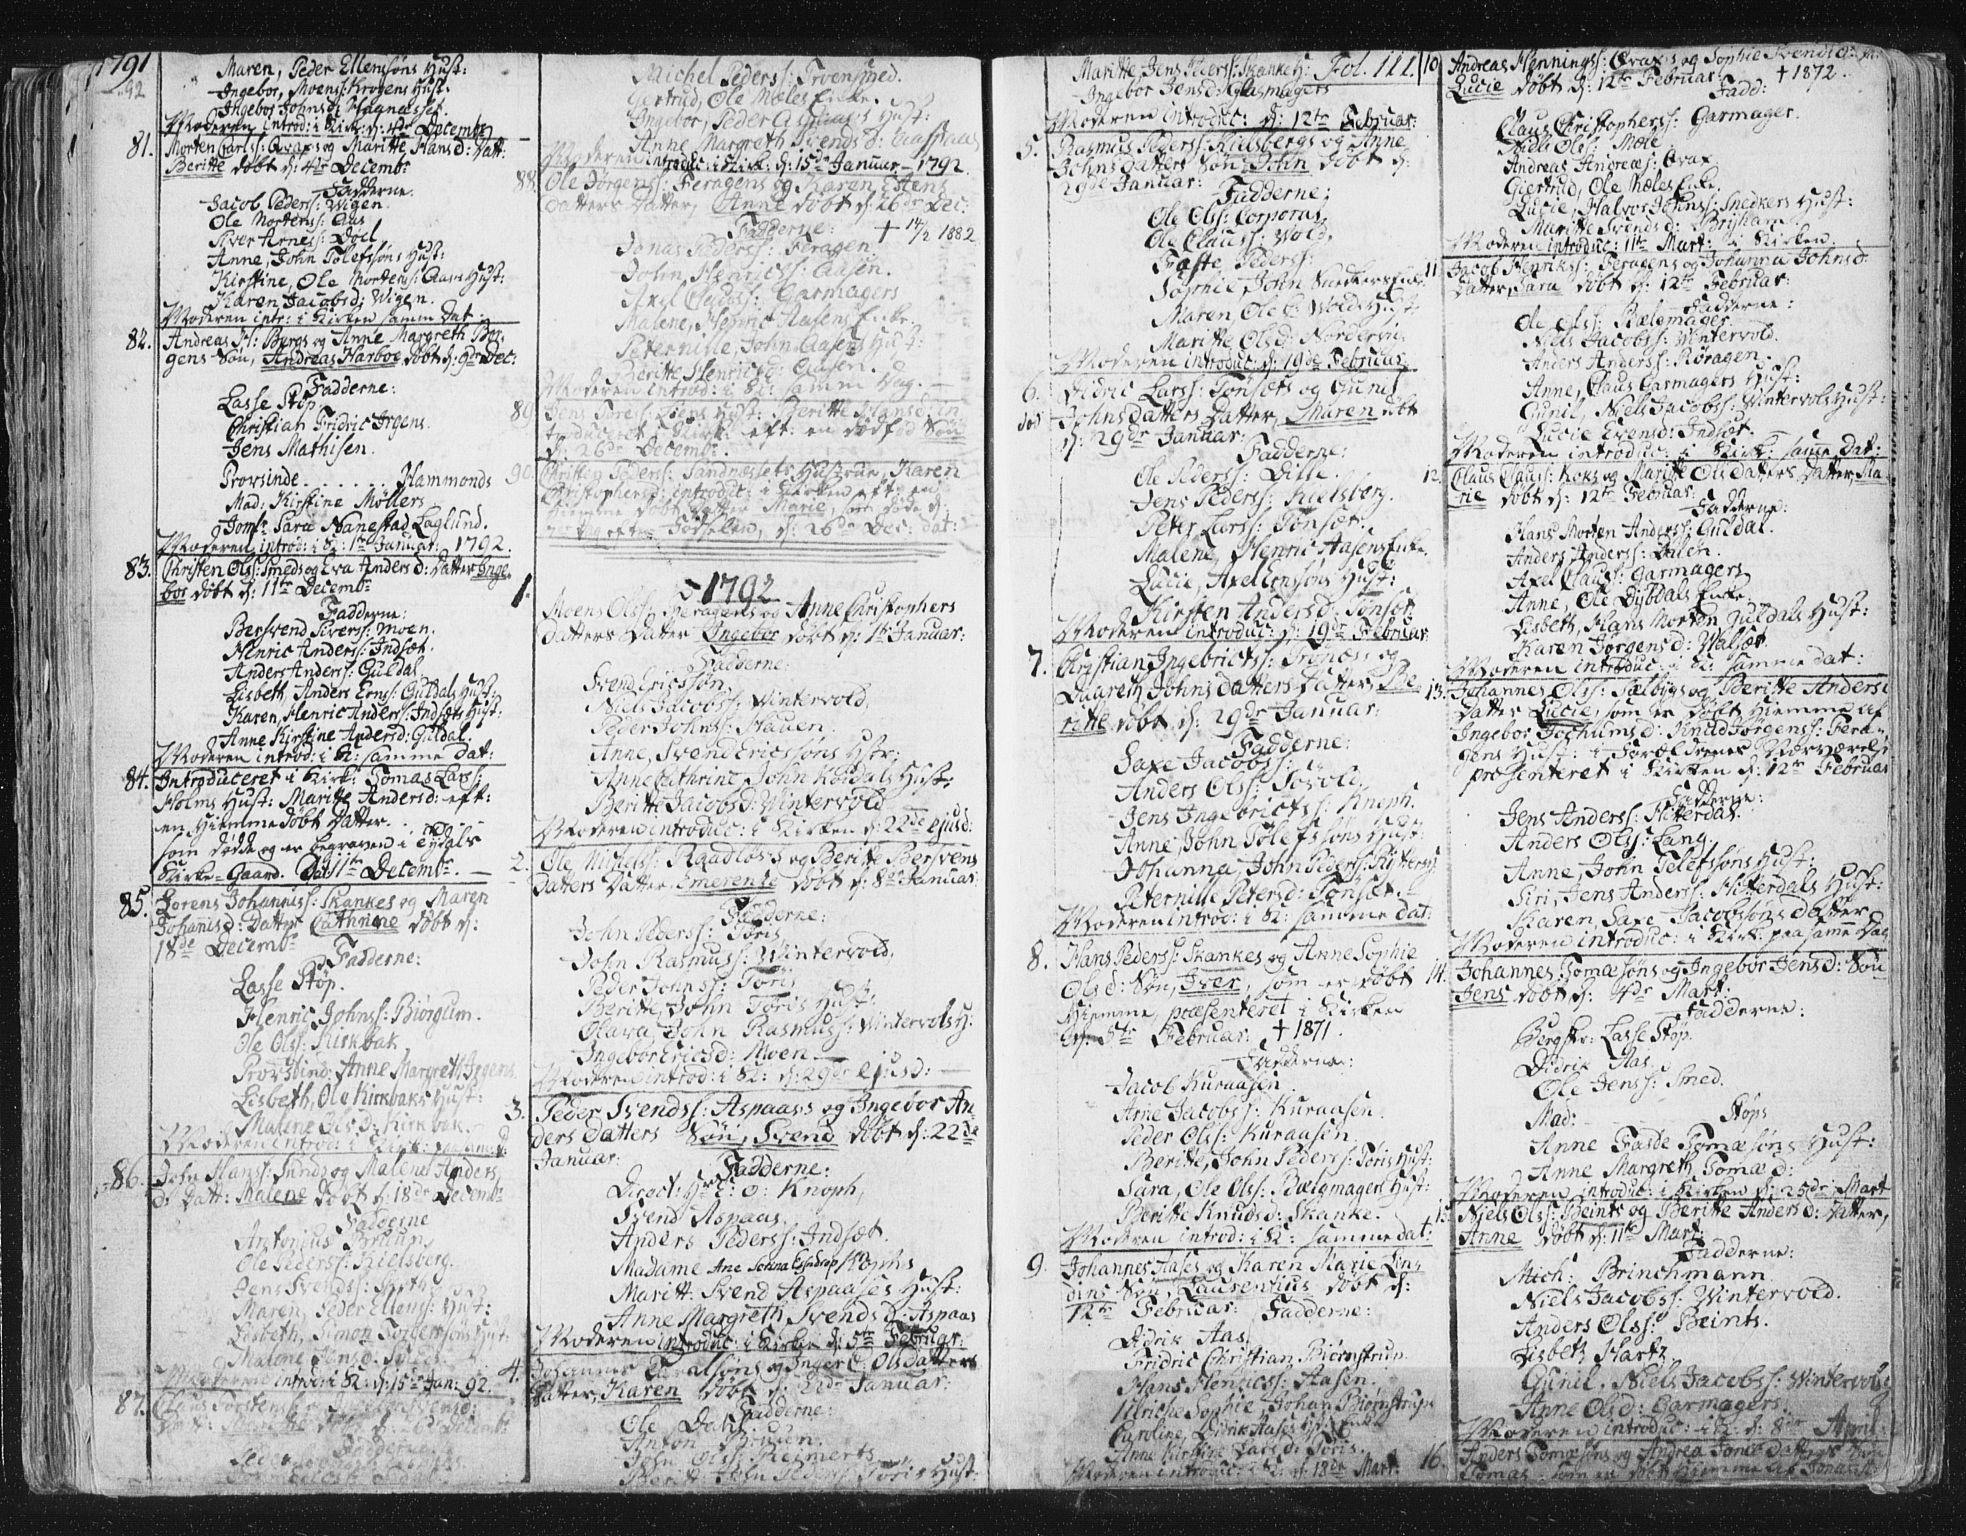 SAT, Ministerialprotokoller, klokkerbøker og fødselsregistre - Sør-Trøndelag, 681/L0926: Ministerialbok nr. 681A04, 1767-1797, s. 111